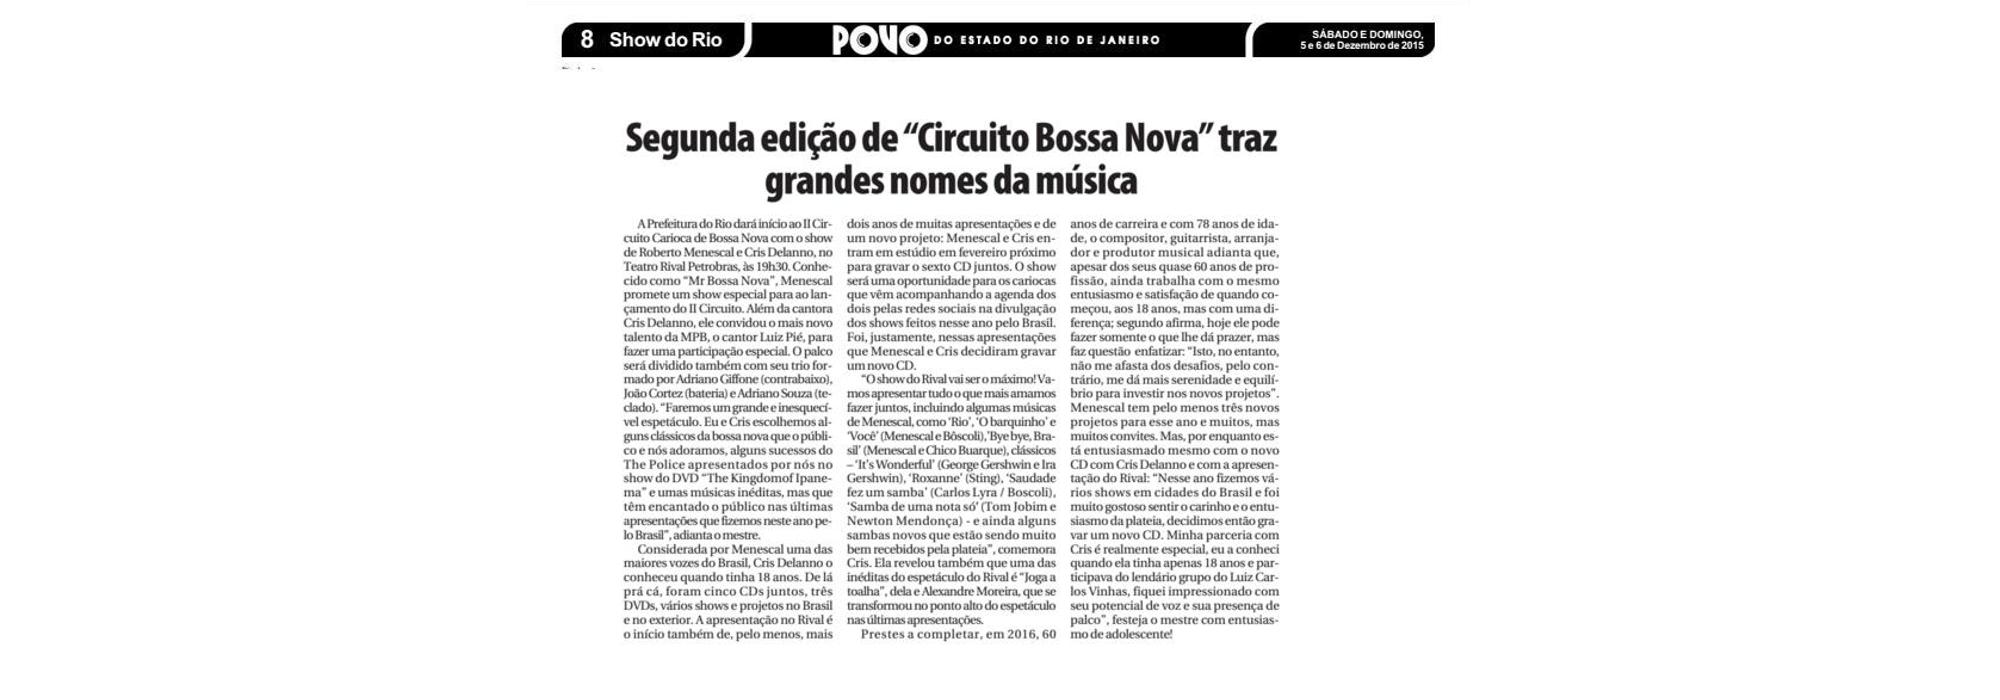 imprensa-circuito-carioca-de-bossa-nova-2015-03